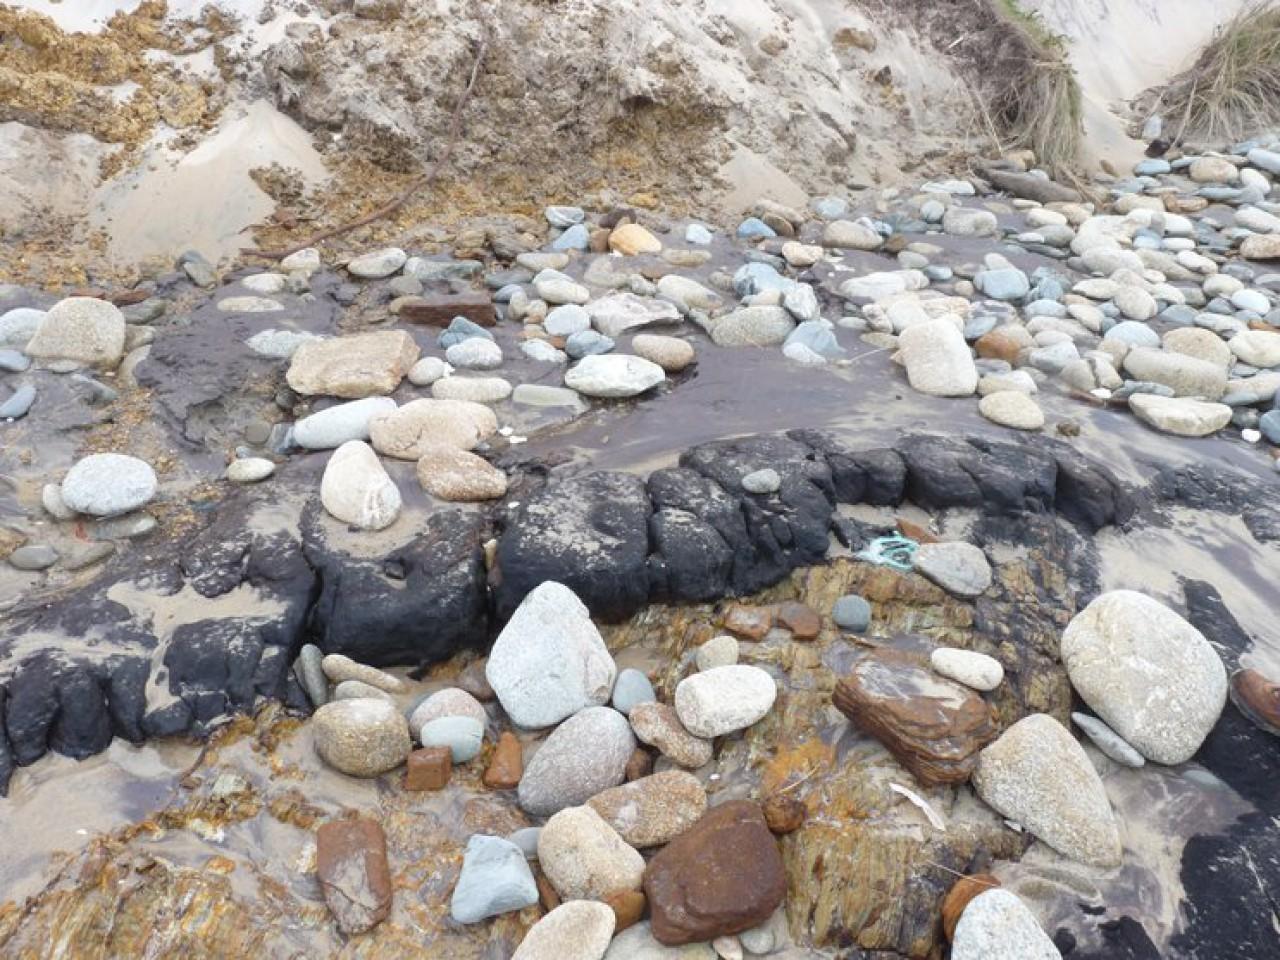 Sedimentos na Praia da Ponzos (21.03.2014)